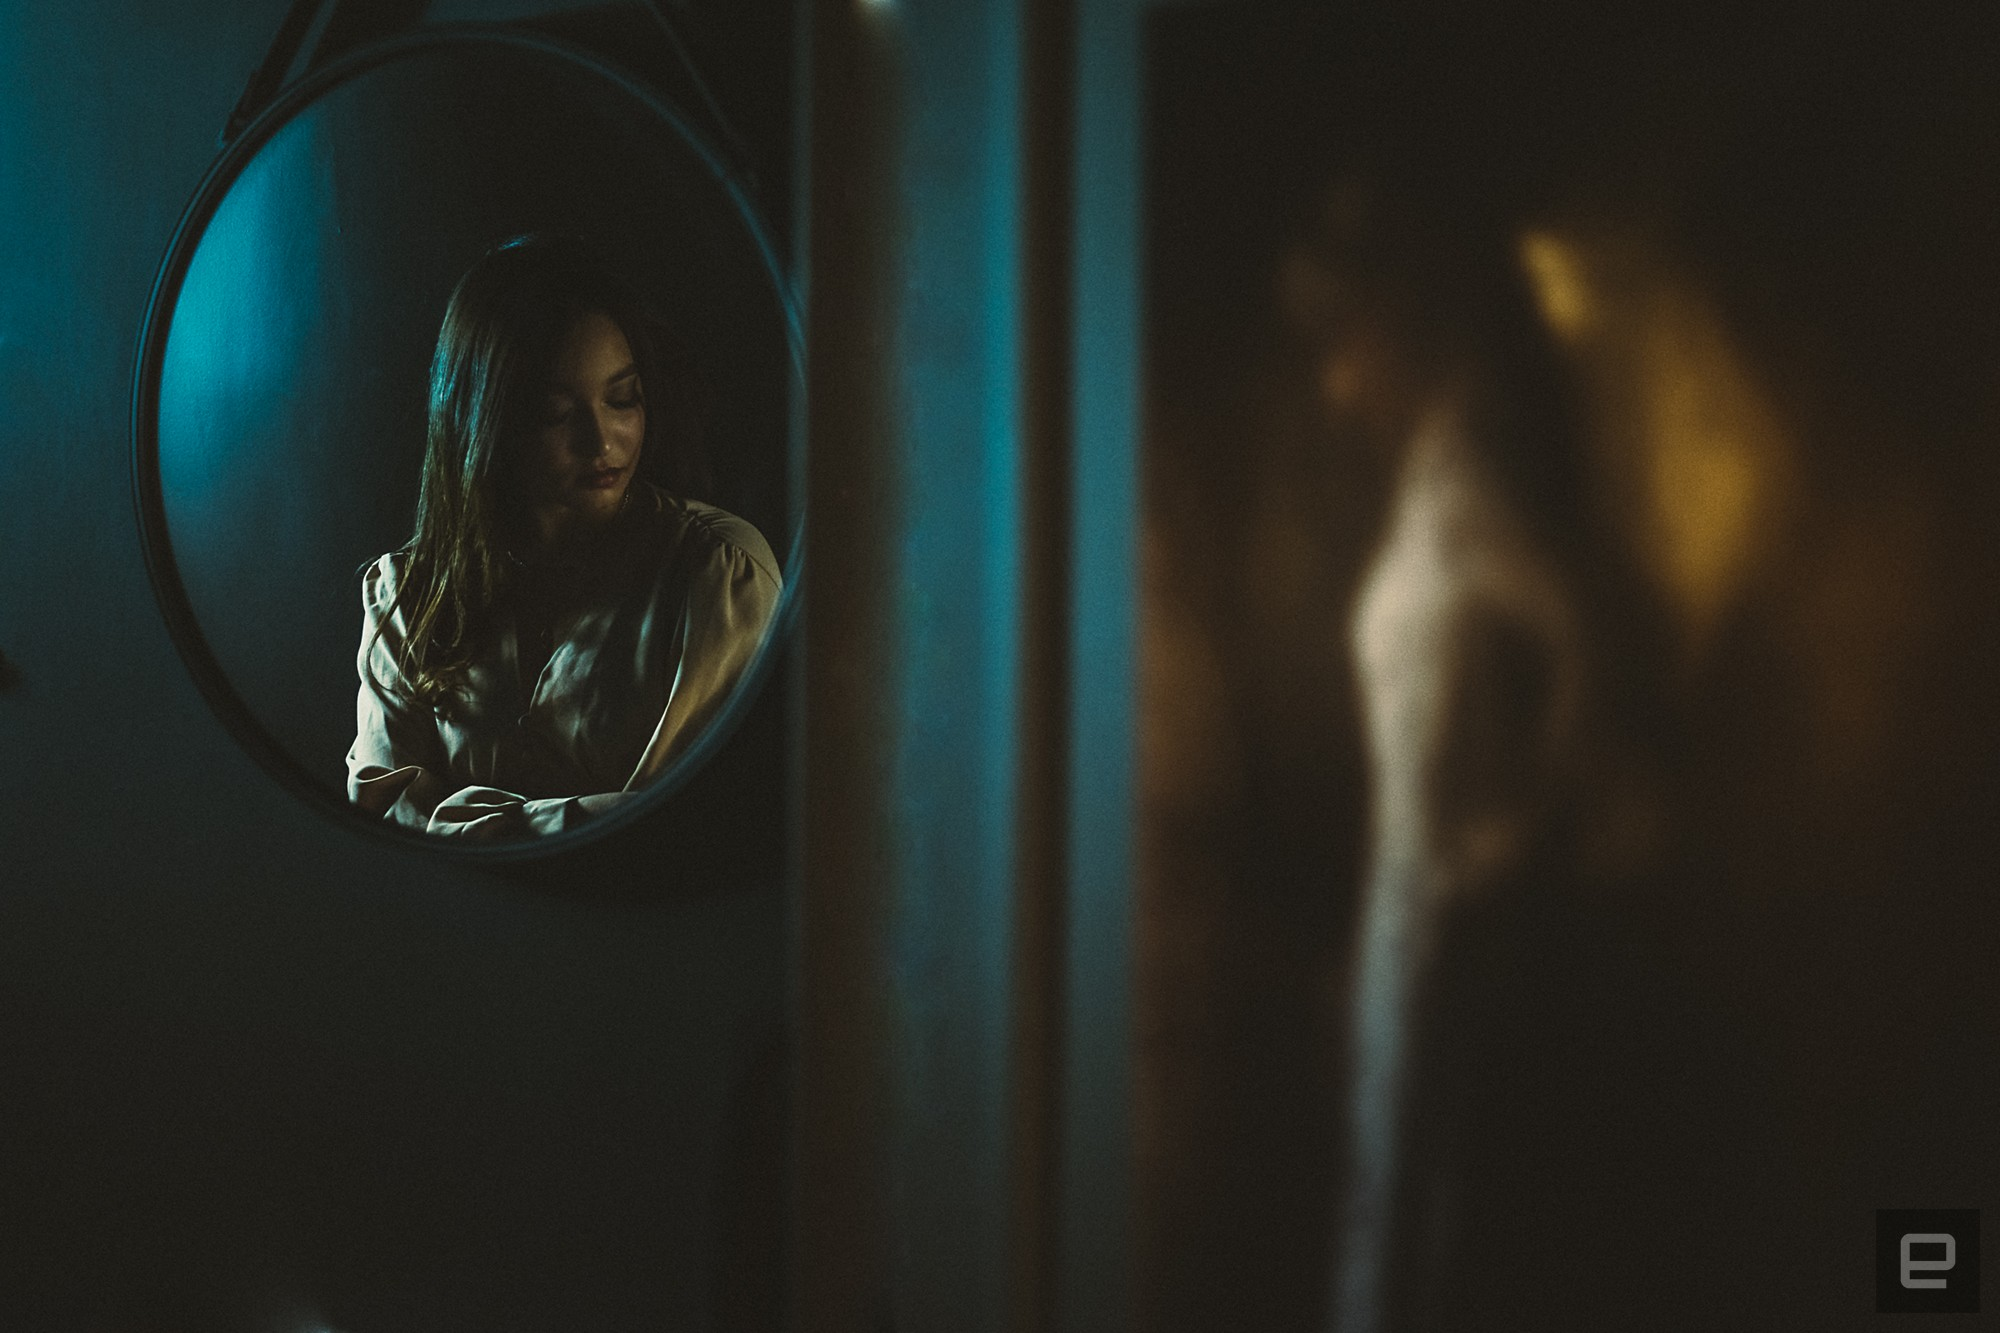 <p>Fujifilm GFX 100S review sample studio images</p>